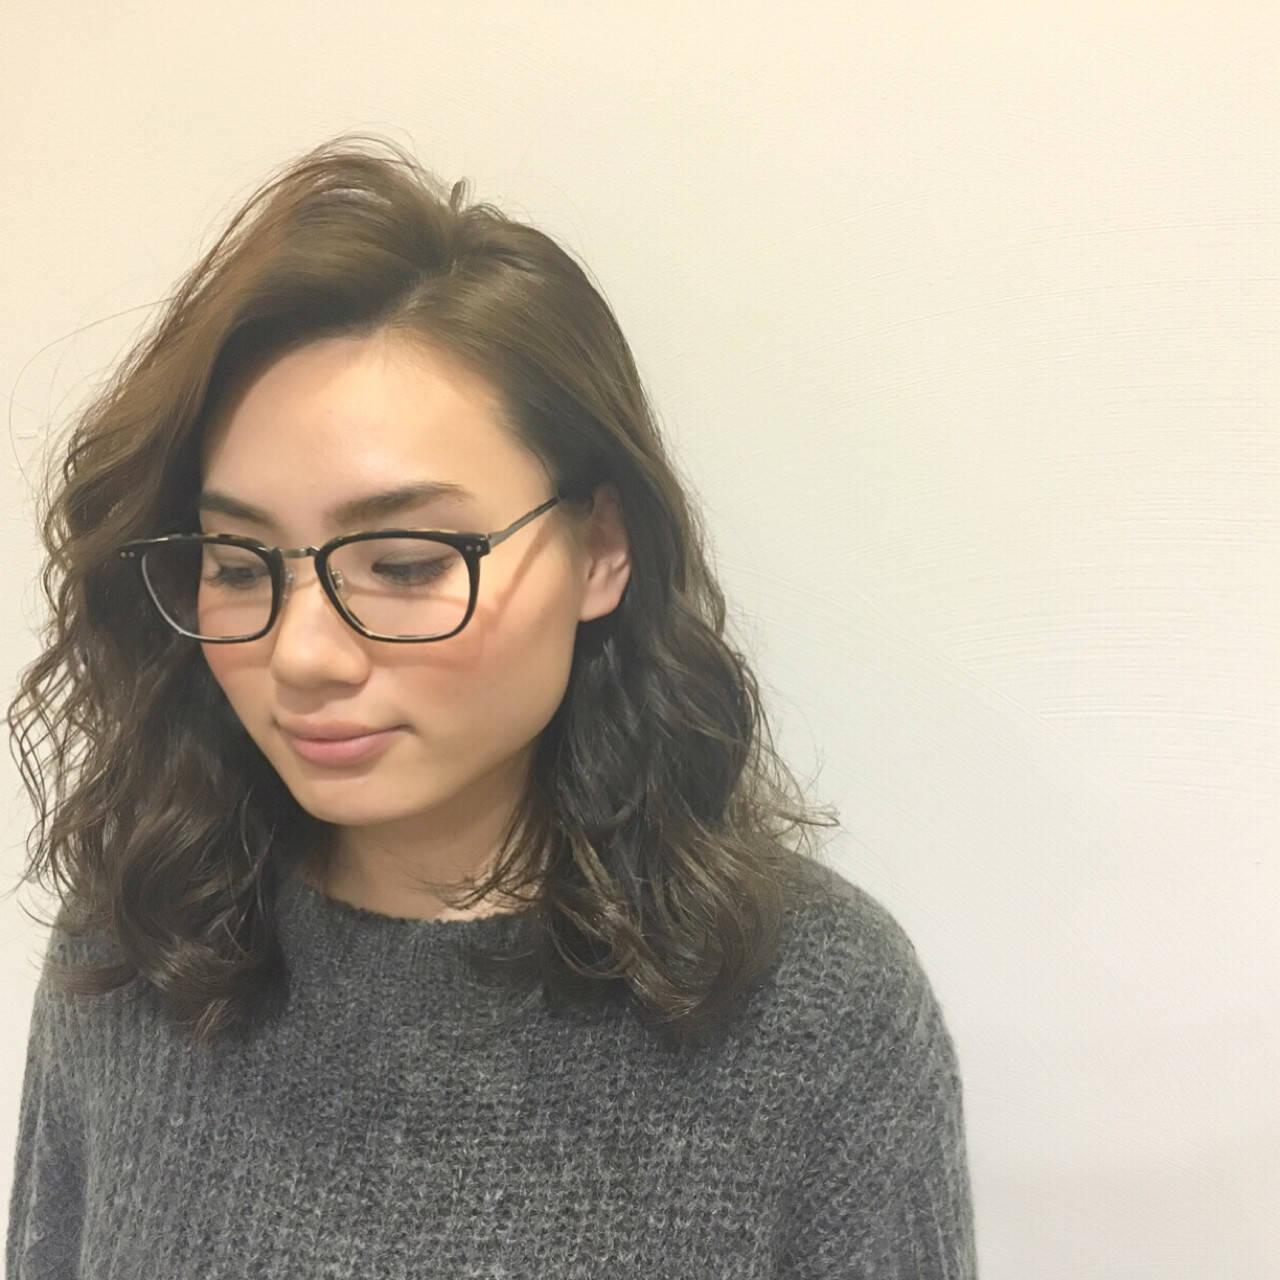 エレガント 小顔 ハイライト ミディアムヘアスタイルや髪型の写真・画像